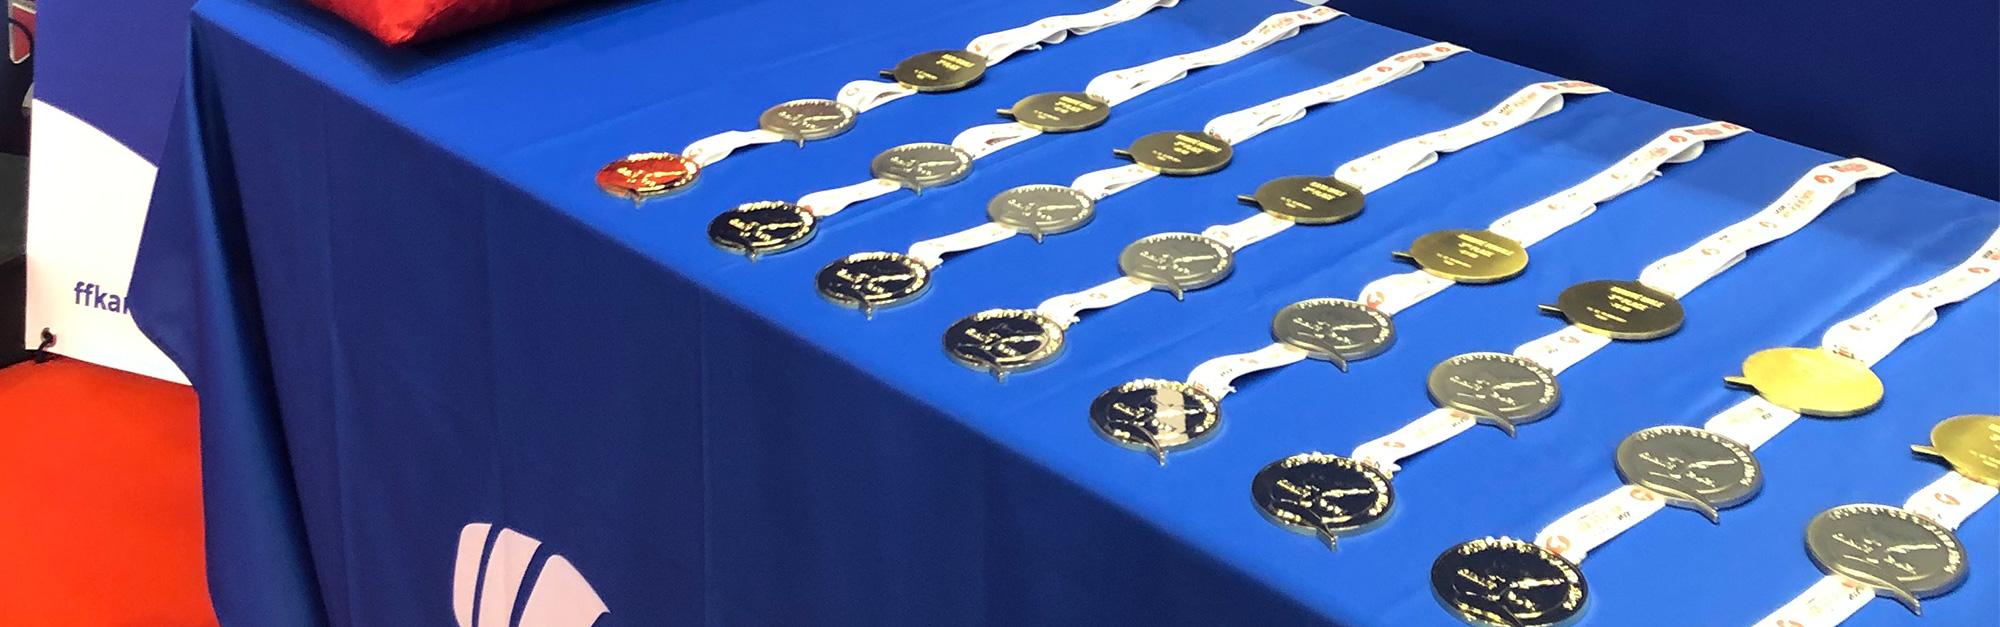 Remise des médailles au Tournoi de Qualification Olympique de Karaté 2021